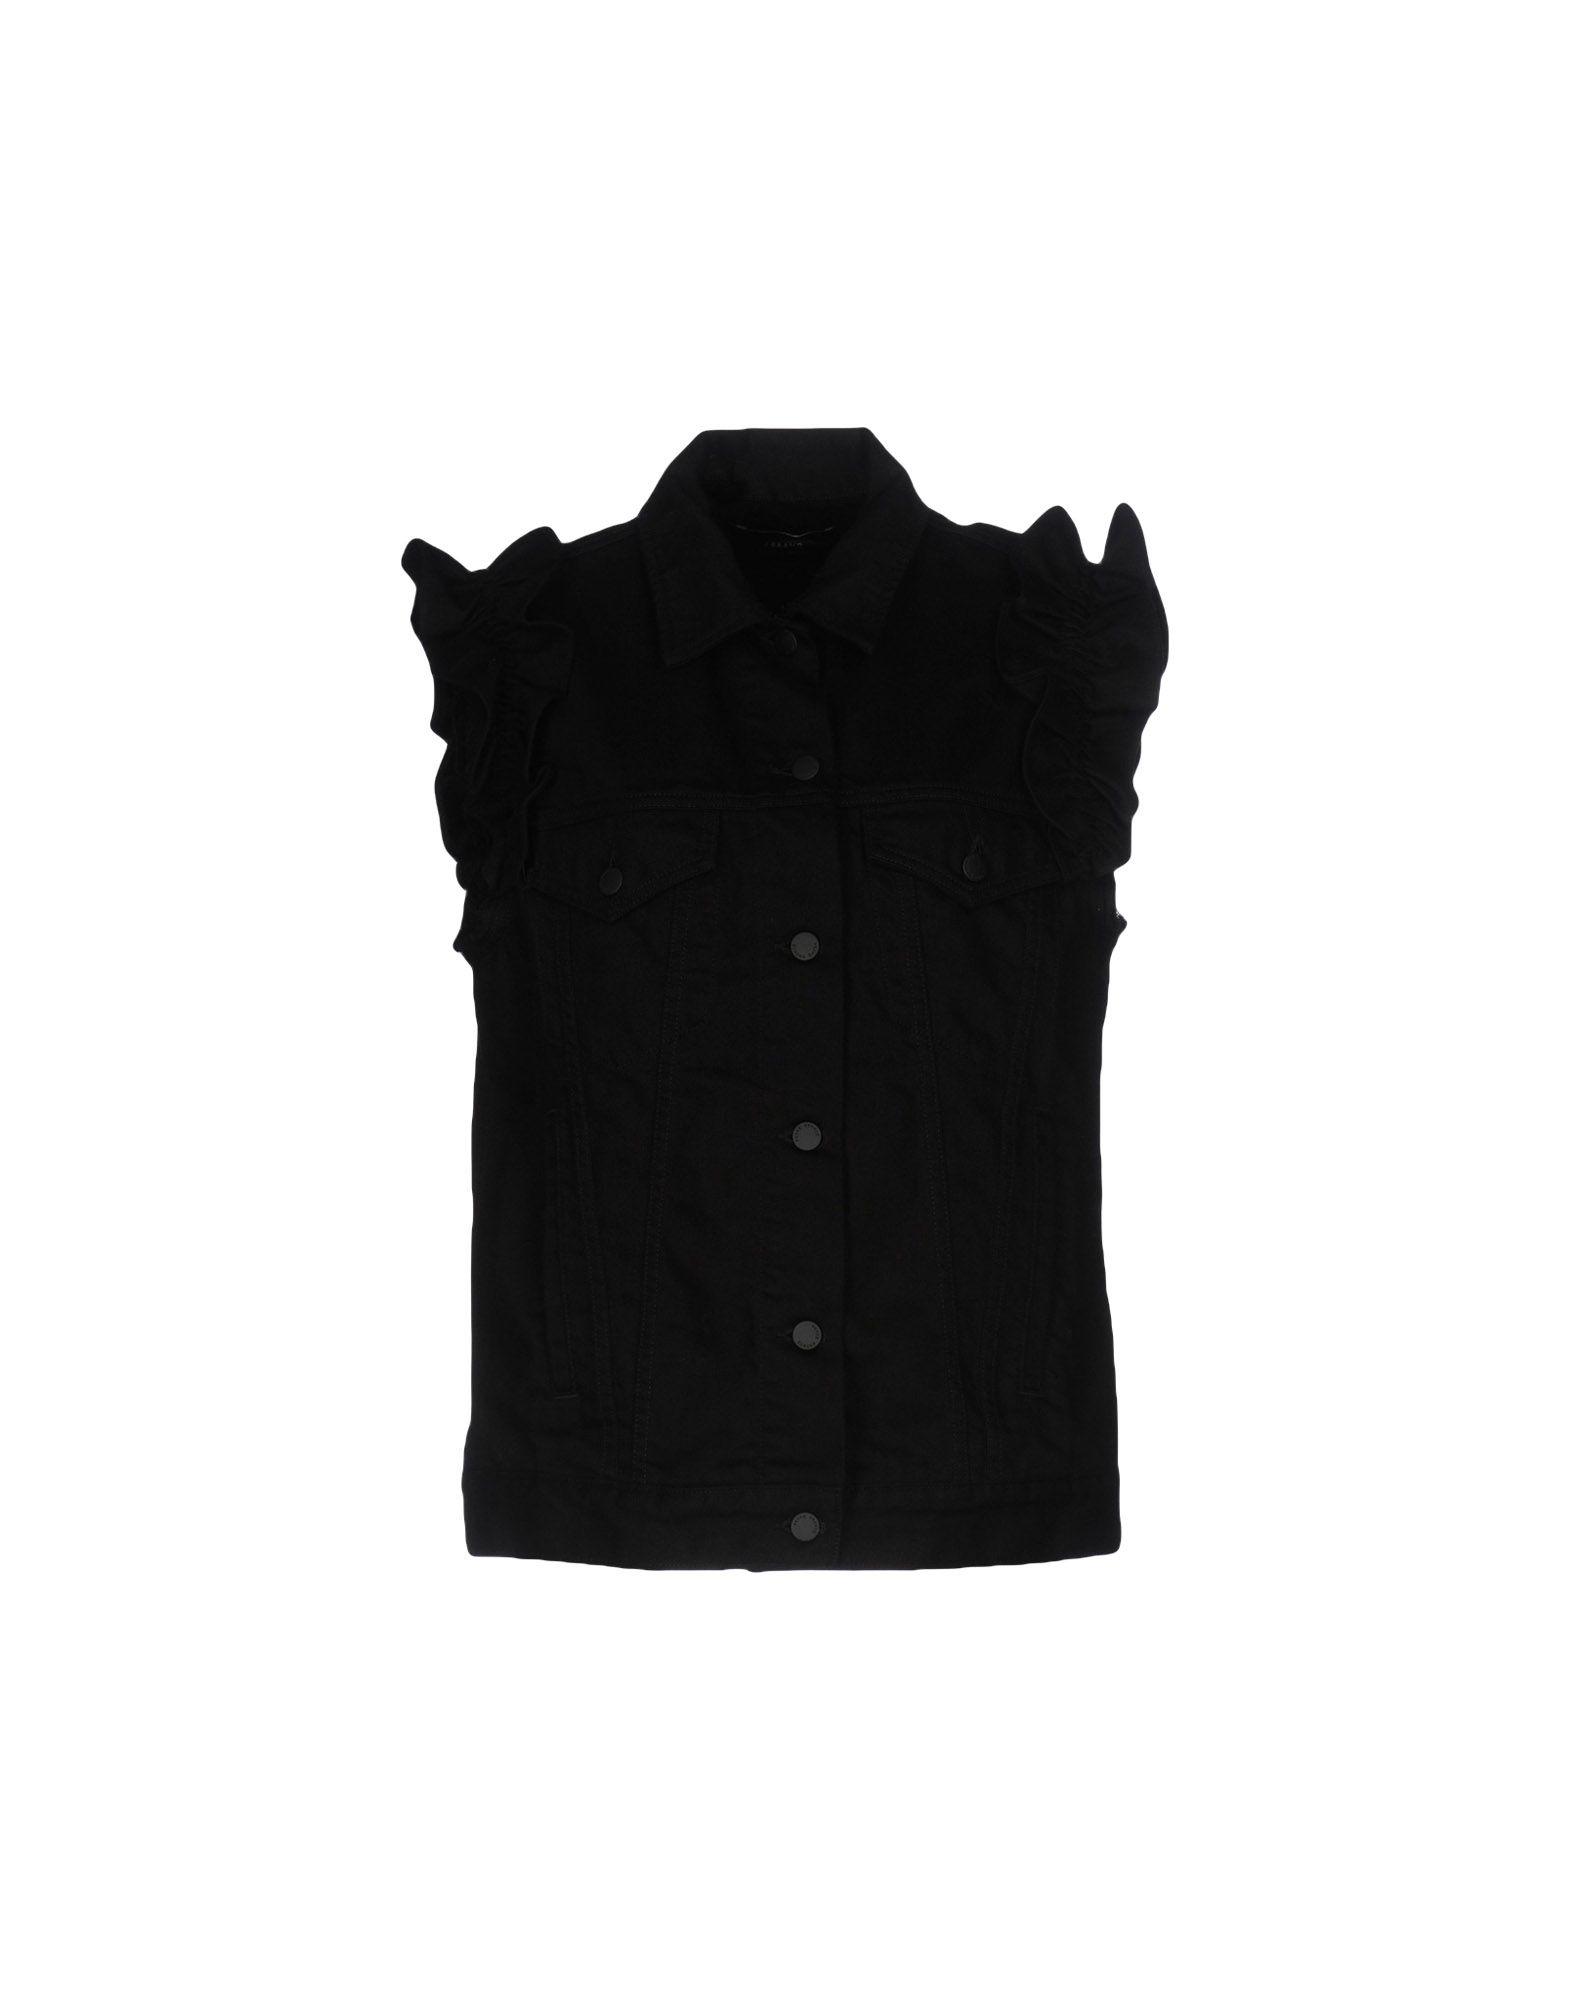 цены на SIMONE ROCHA x J BRAND Джинсовая верхняя одежда в интернет-магазинах